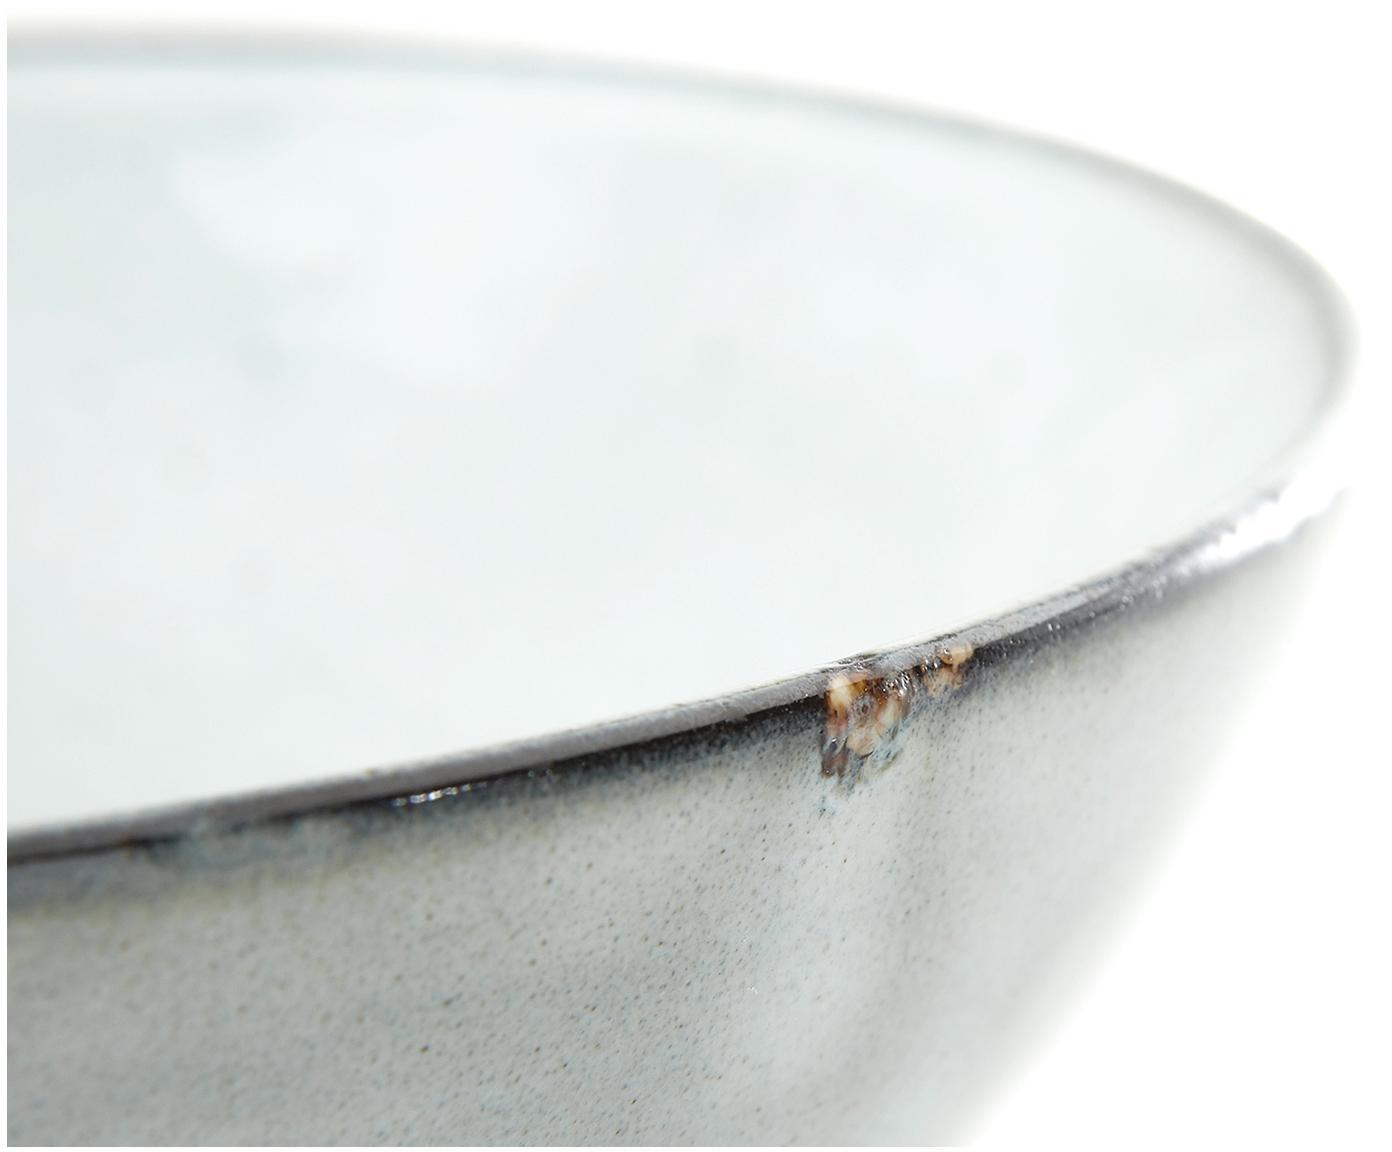 Handgemachte Suppenteller Thalia, 2 Stück, Steinzeug, Blaugrau mit dunklem Rand, Ø 18 x H 6 cm